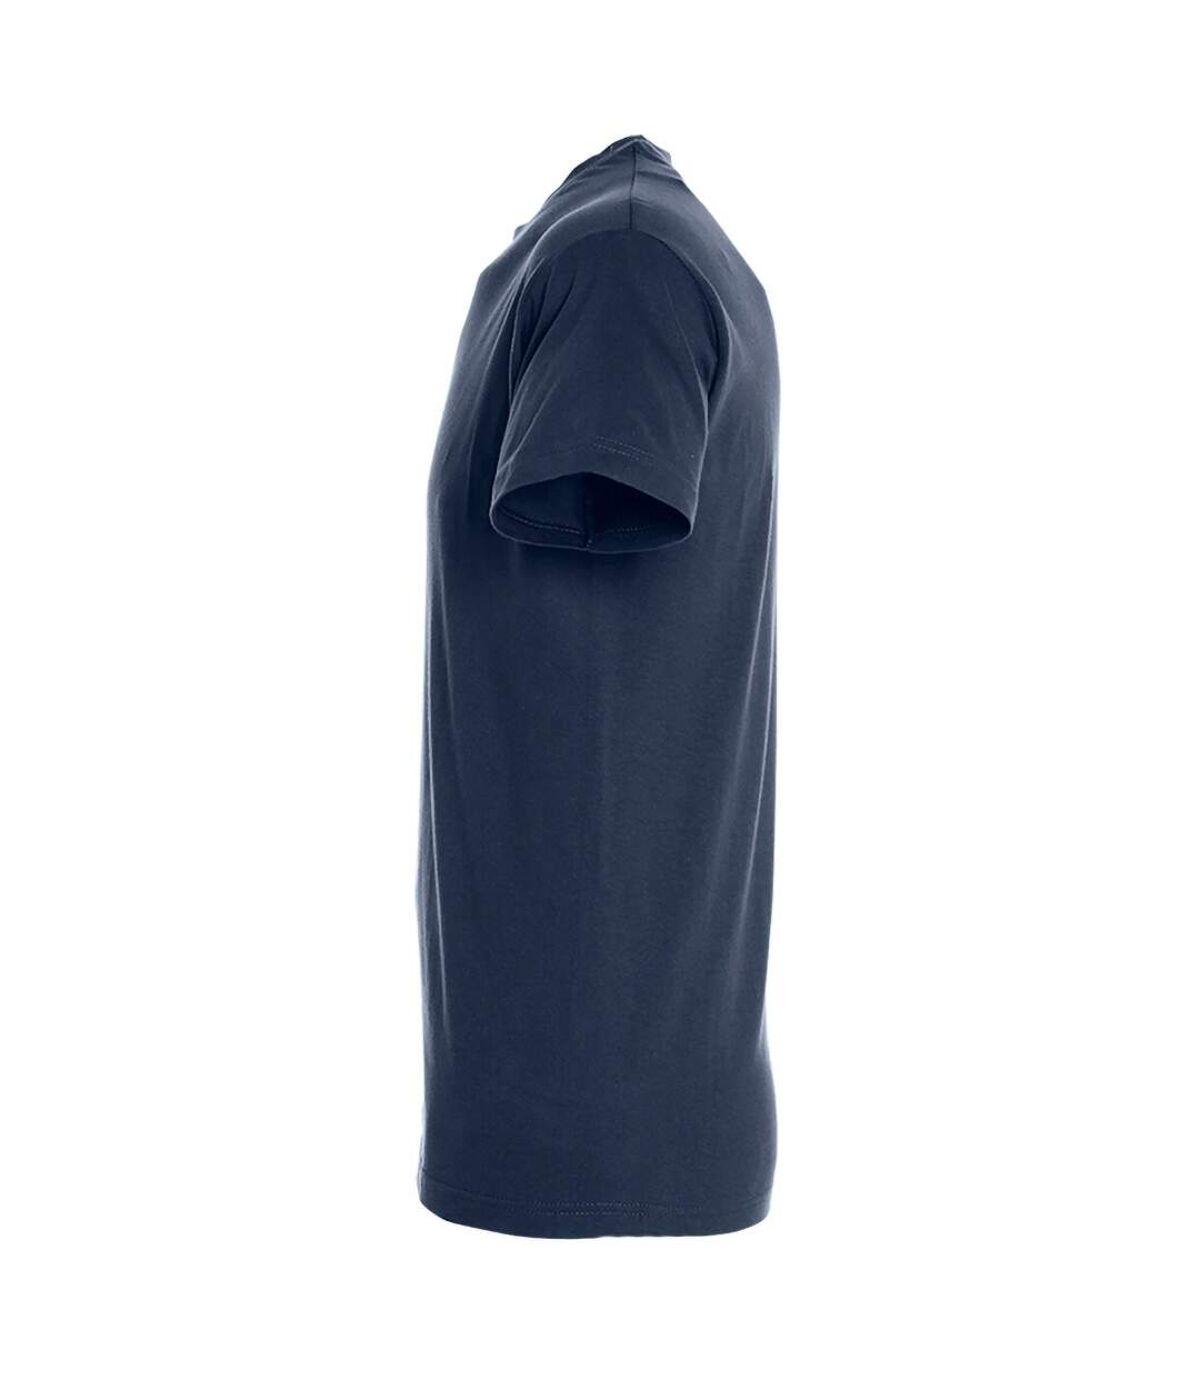 SOLS - T-shirt REGENT - Homme (Bleu marine) - UTPC288